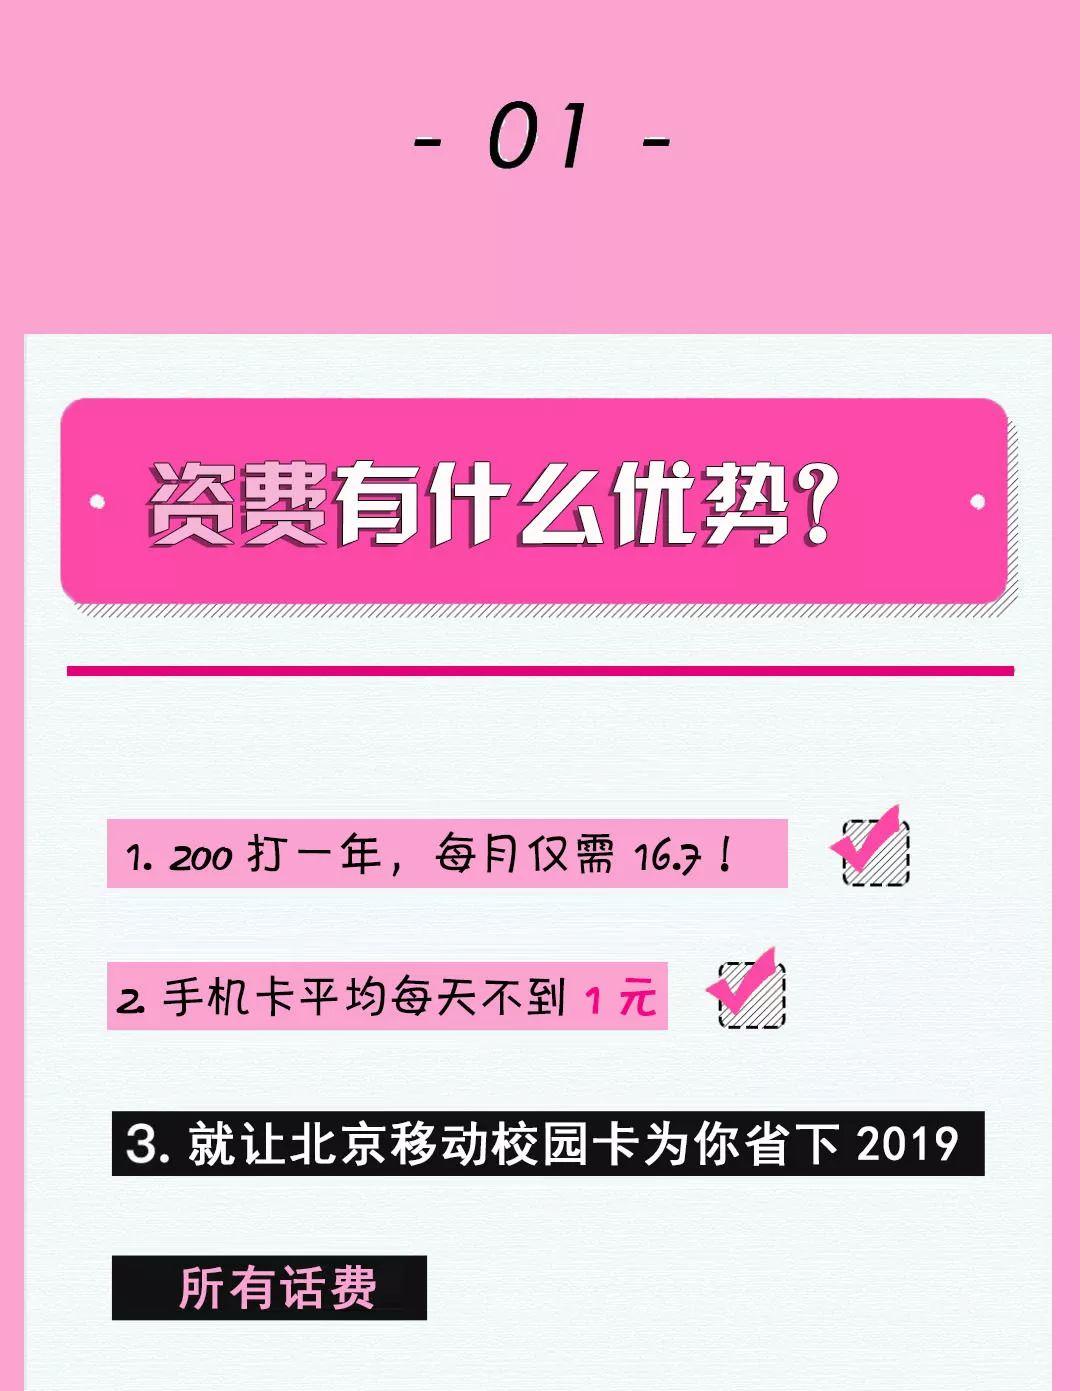 北京移动2019校园卡重磅来袭!每月60G流量不限速200打一年!